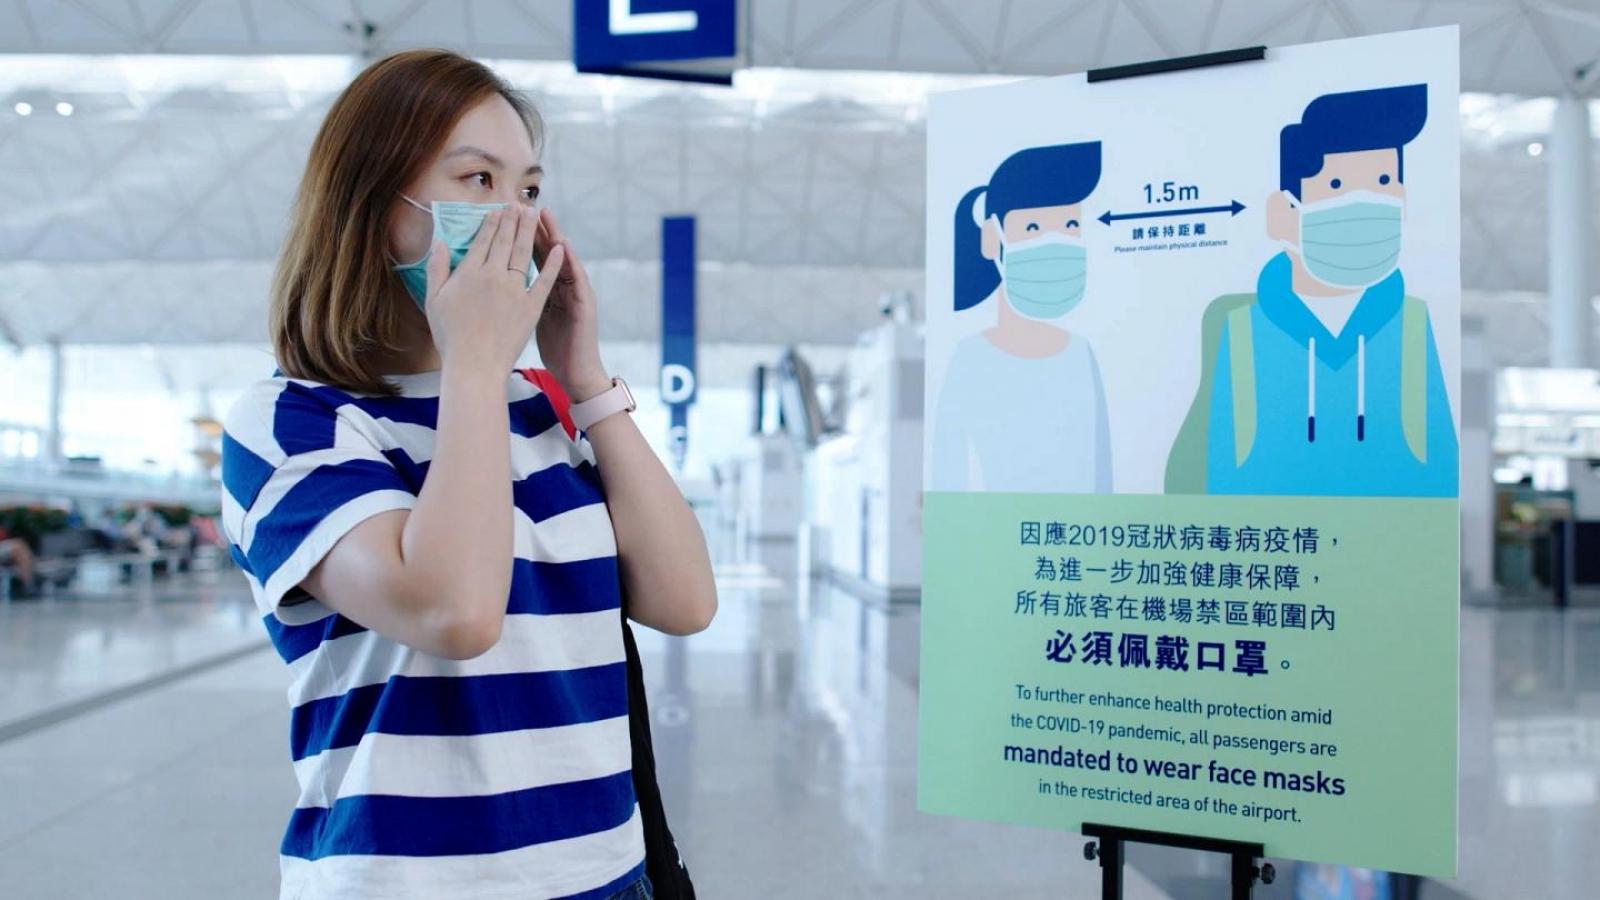 Hong Kong (Trung Quốc) cấm tụ tập trên 2 người để phòng dịch COVID-19